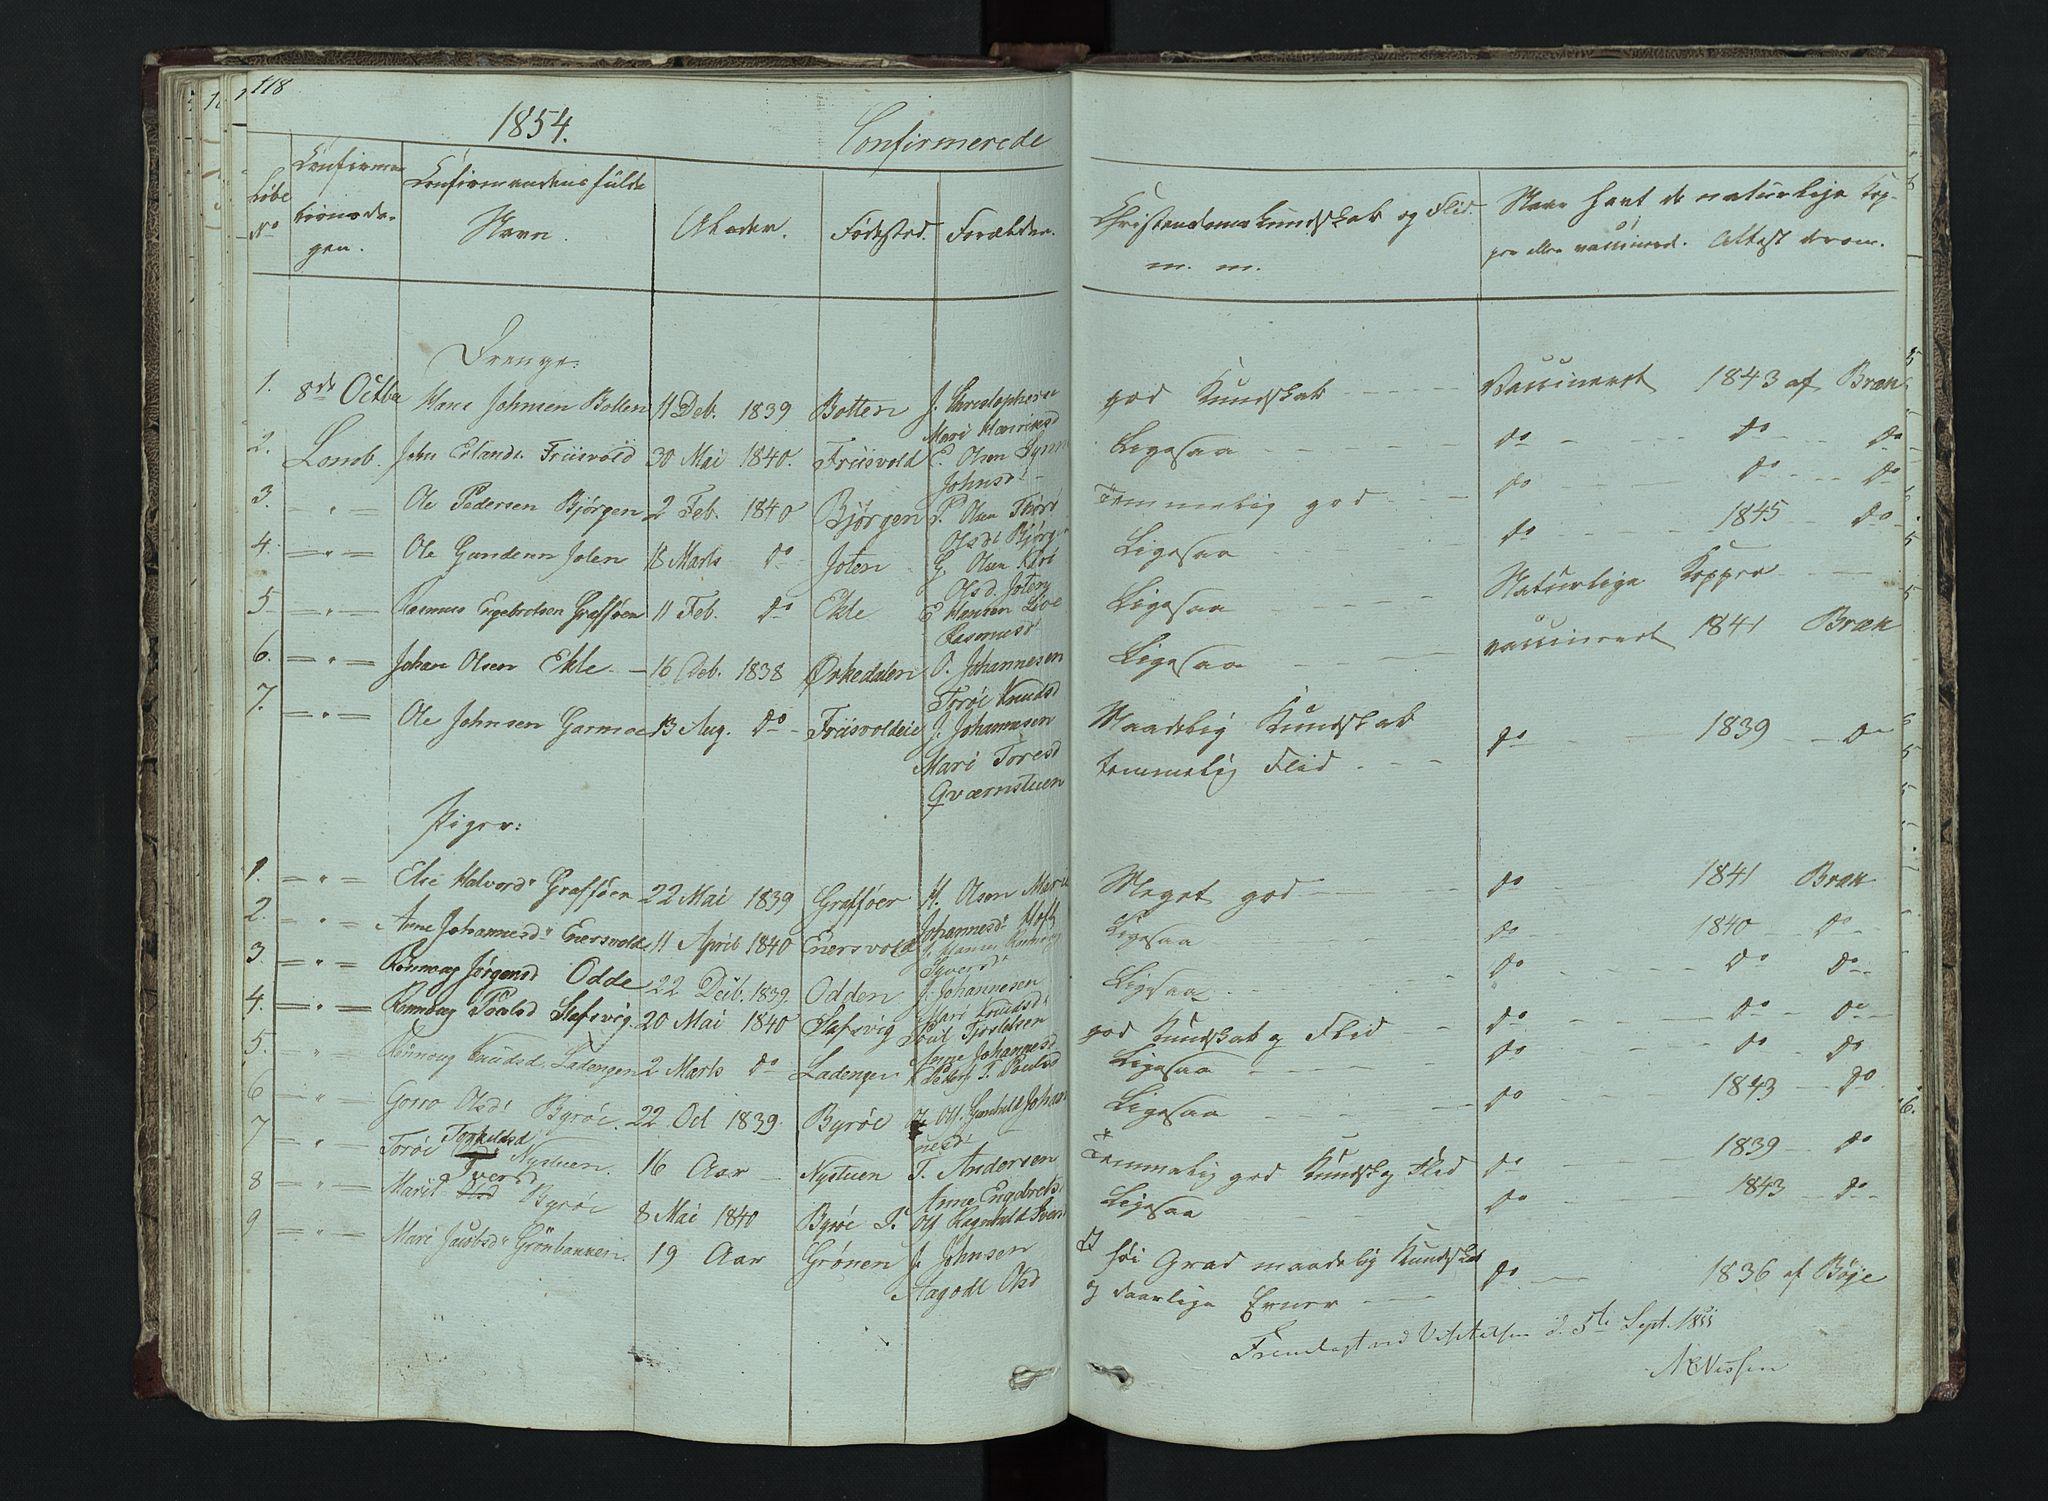 SAH, Lom prestekontor, L/L0014: Klokkerbok nr. 14, 1845-1876, s. 118-119